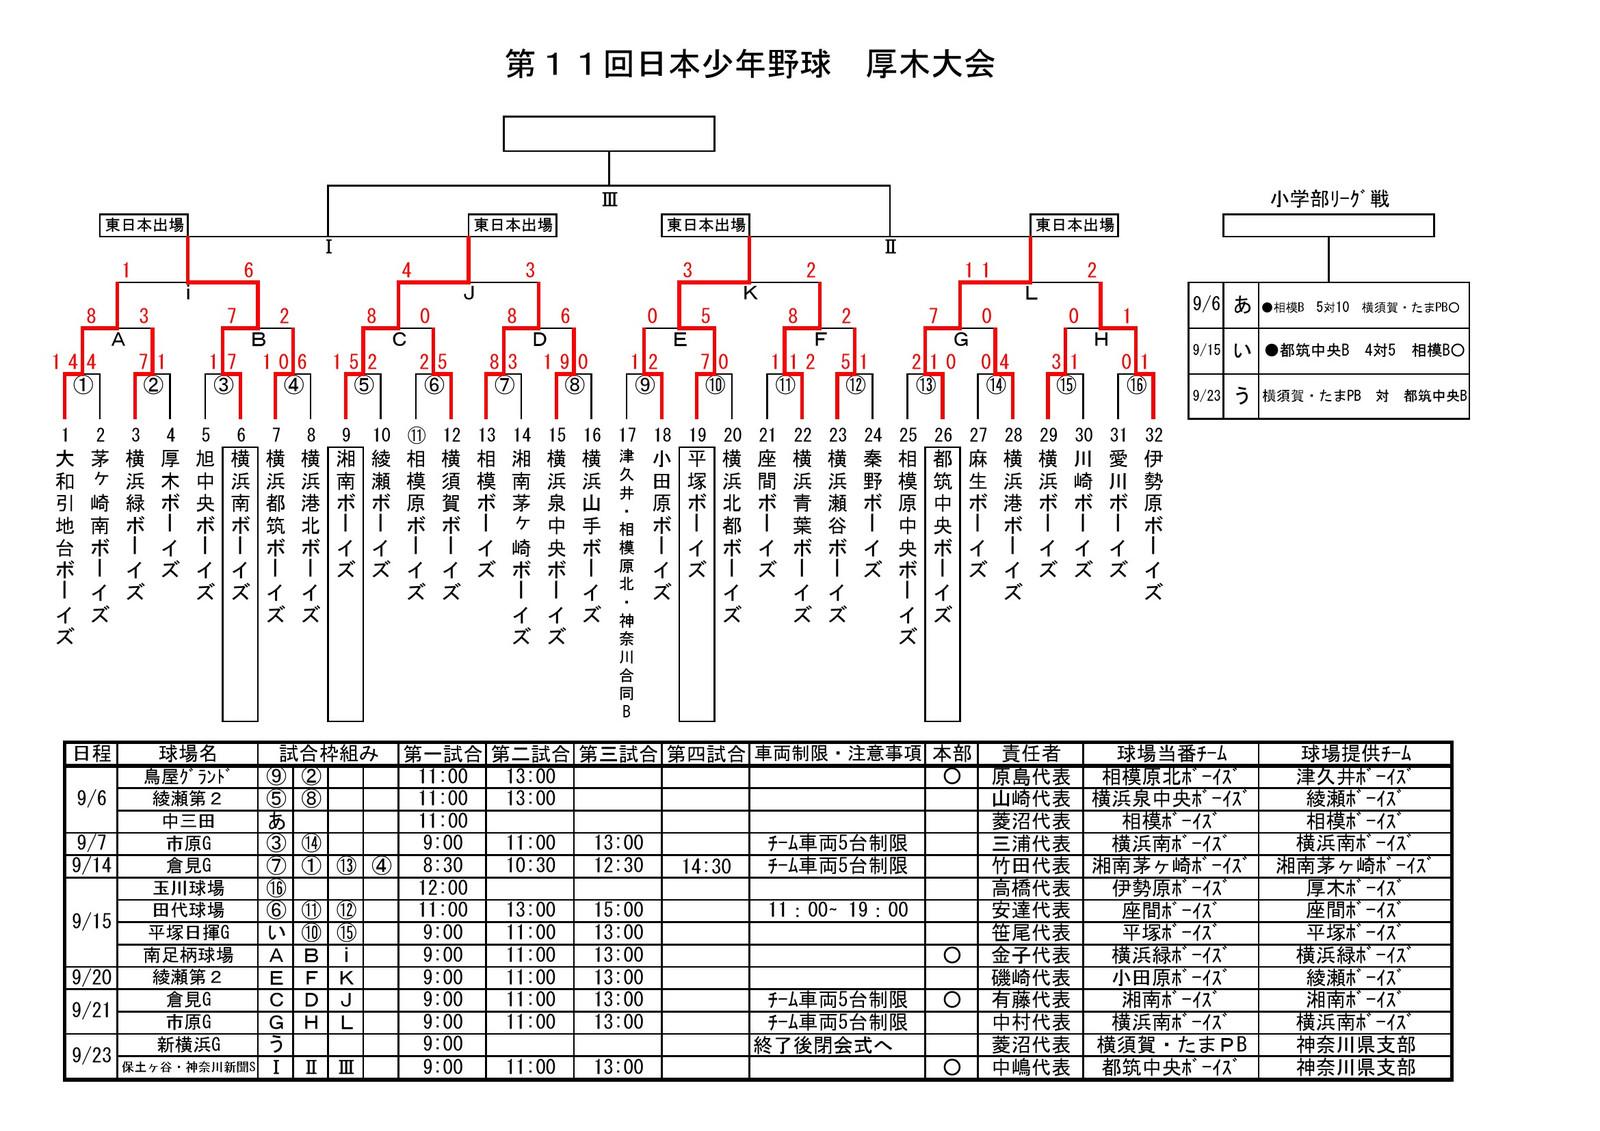 20140921_atsugi